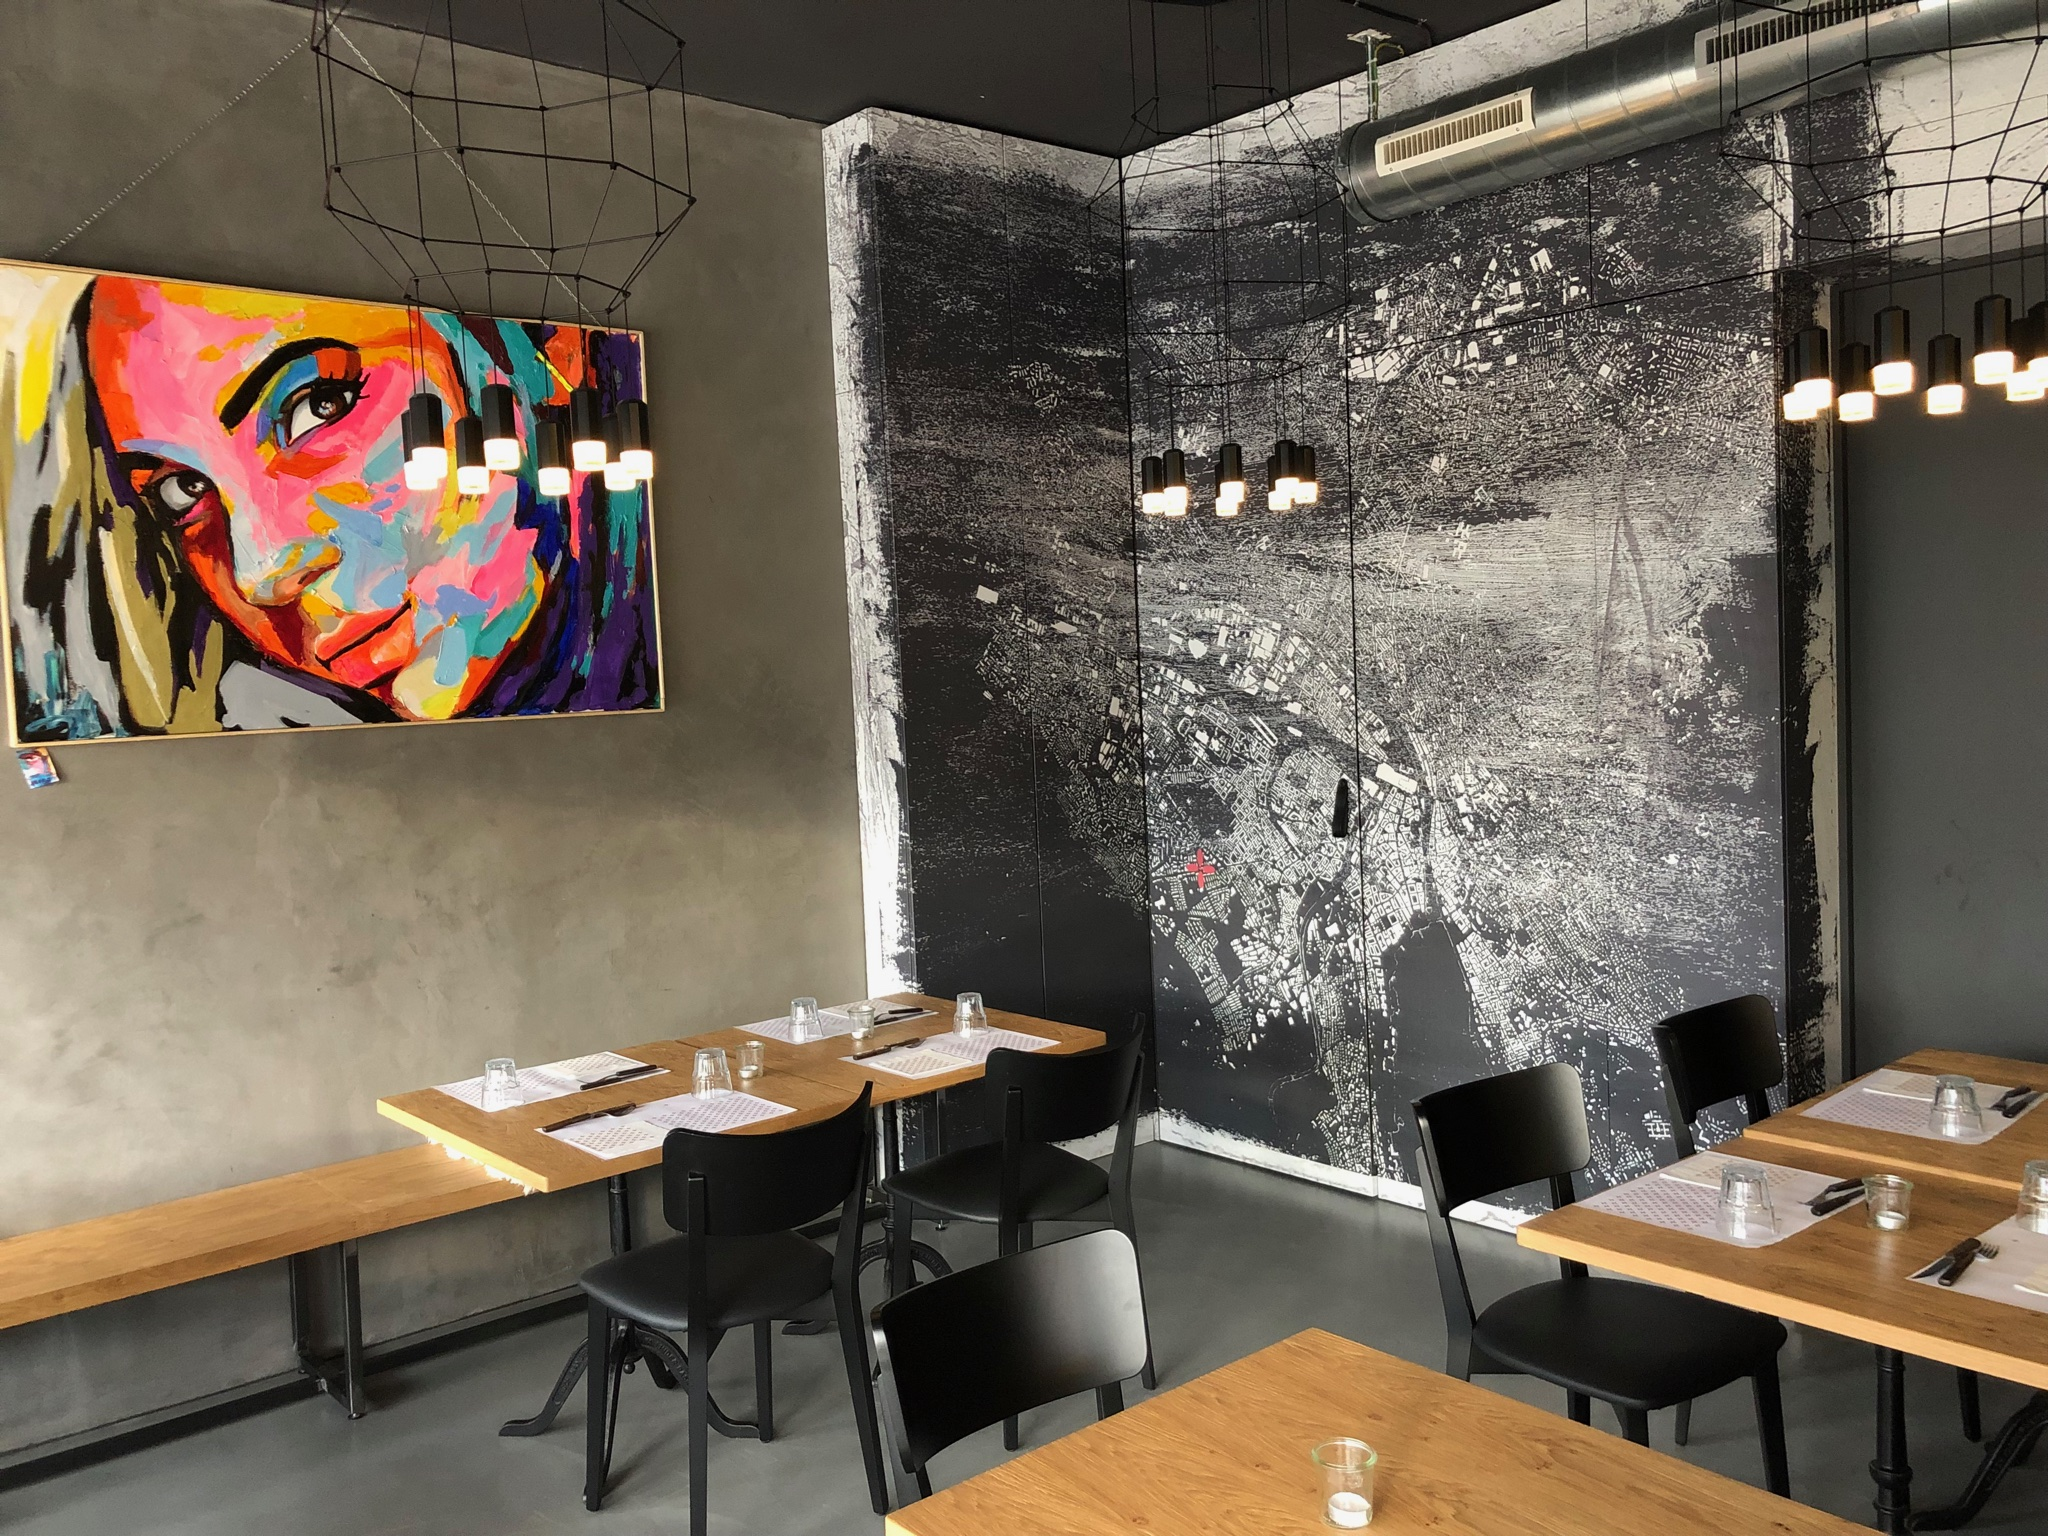 Pizzeria Basilico_Innen & Architektur_Studer.jpg